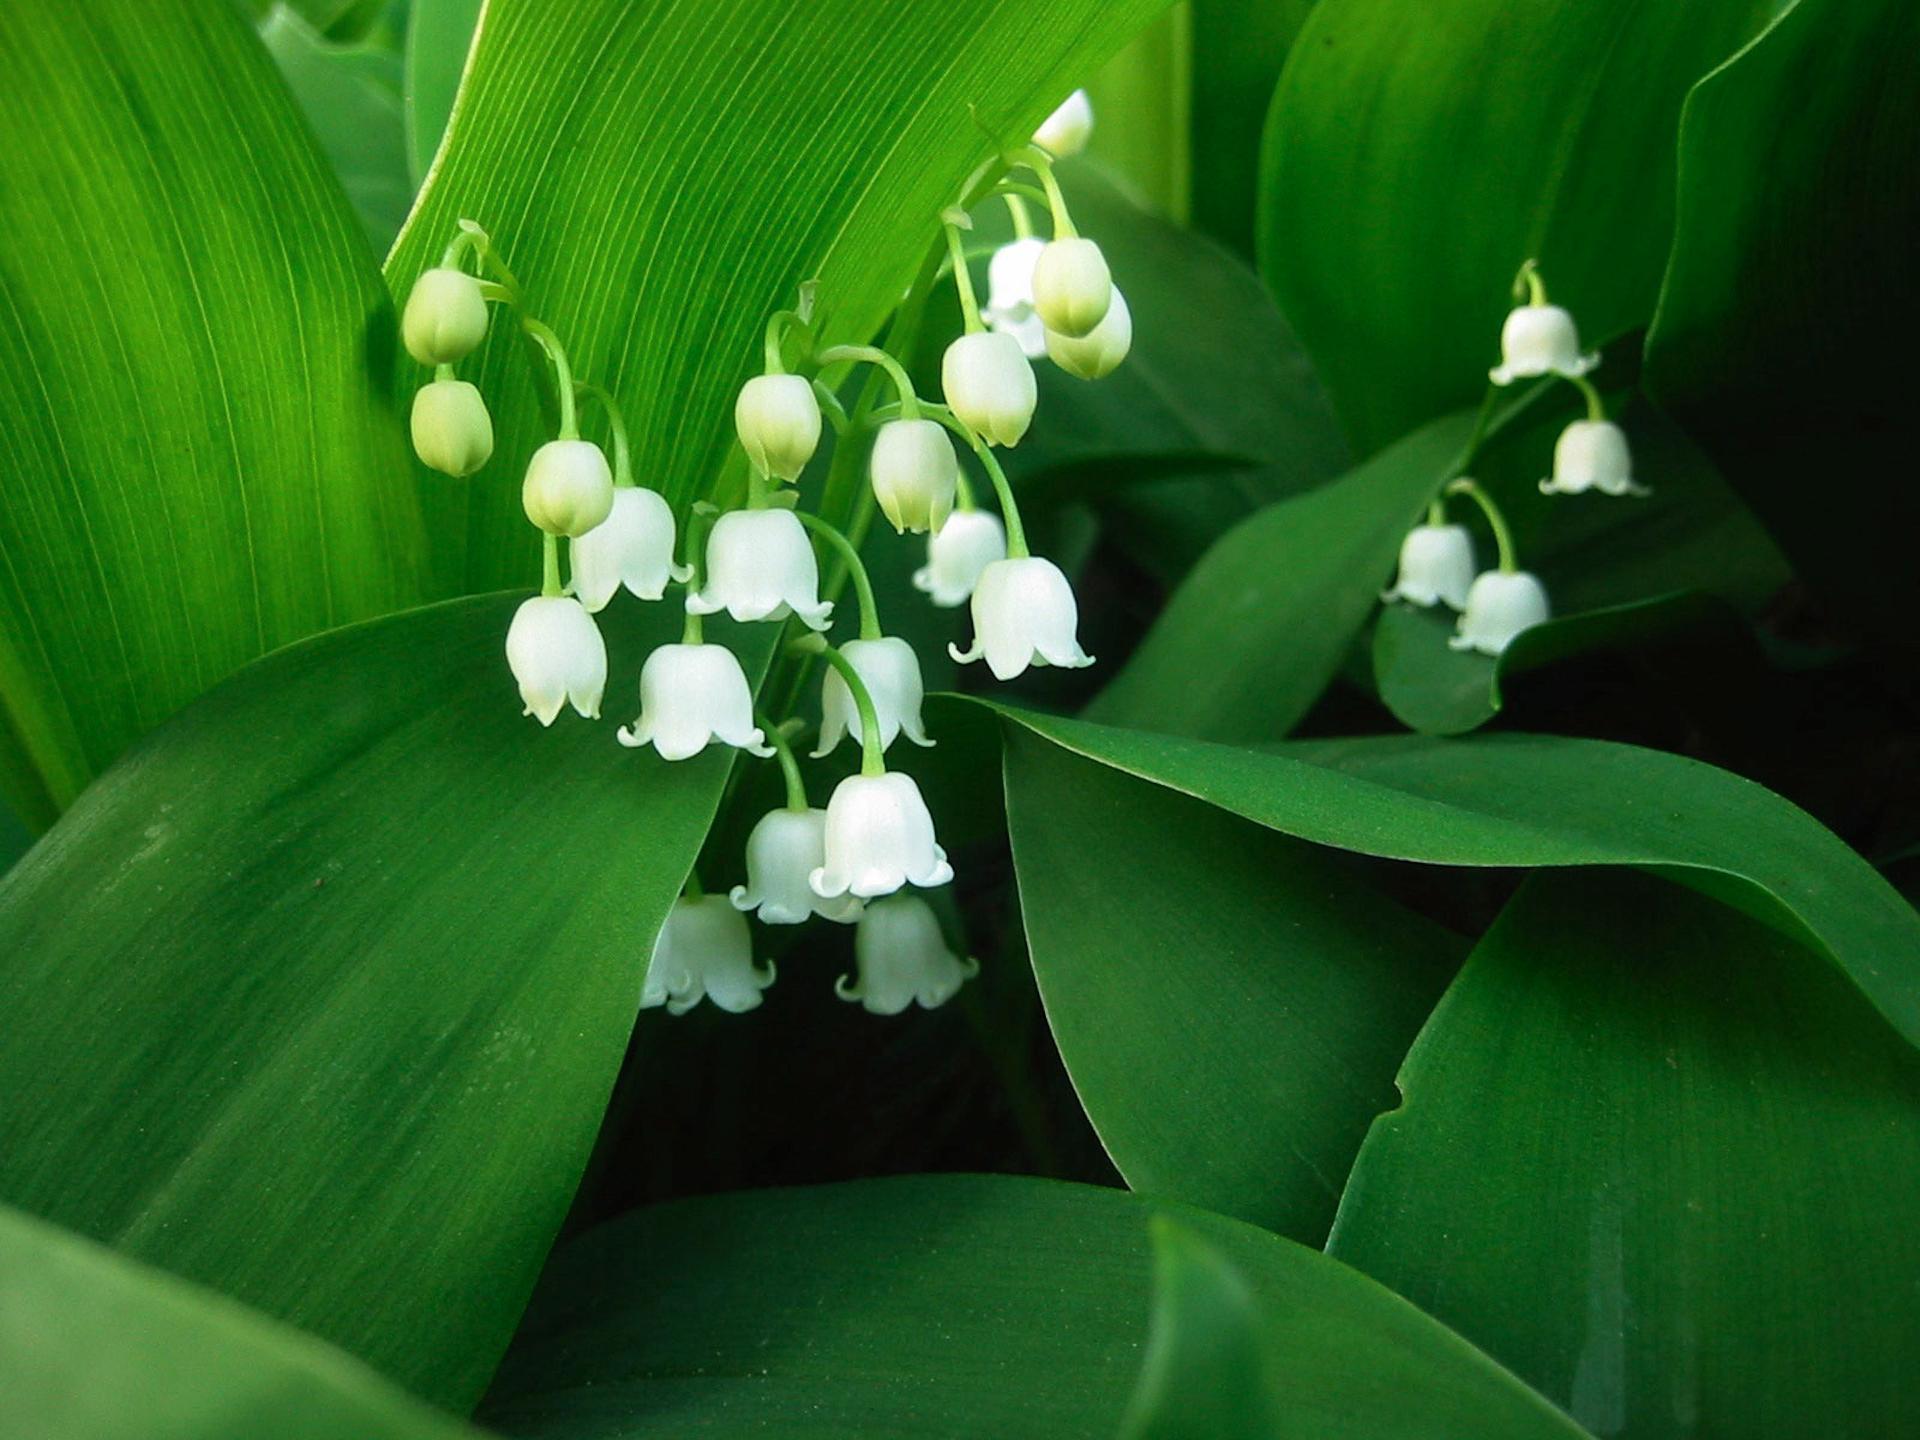 Hình bông hoa lan chuông trắng cực đẹp